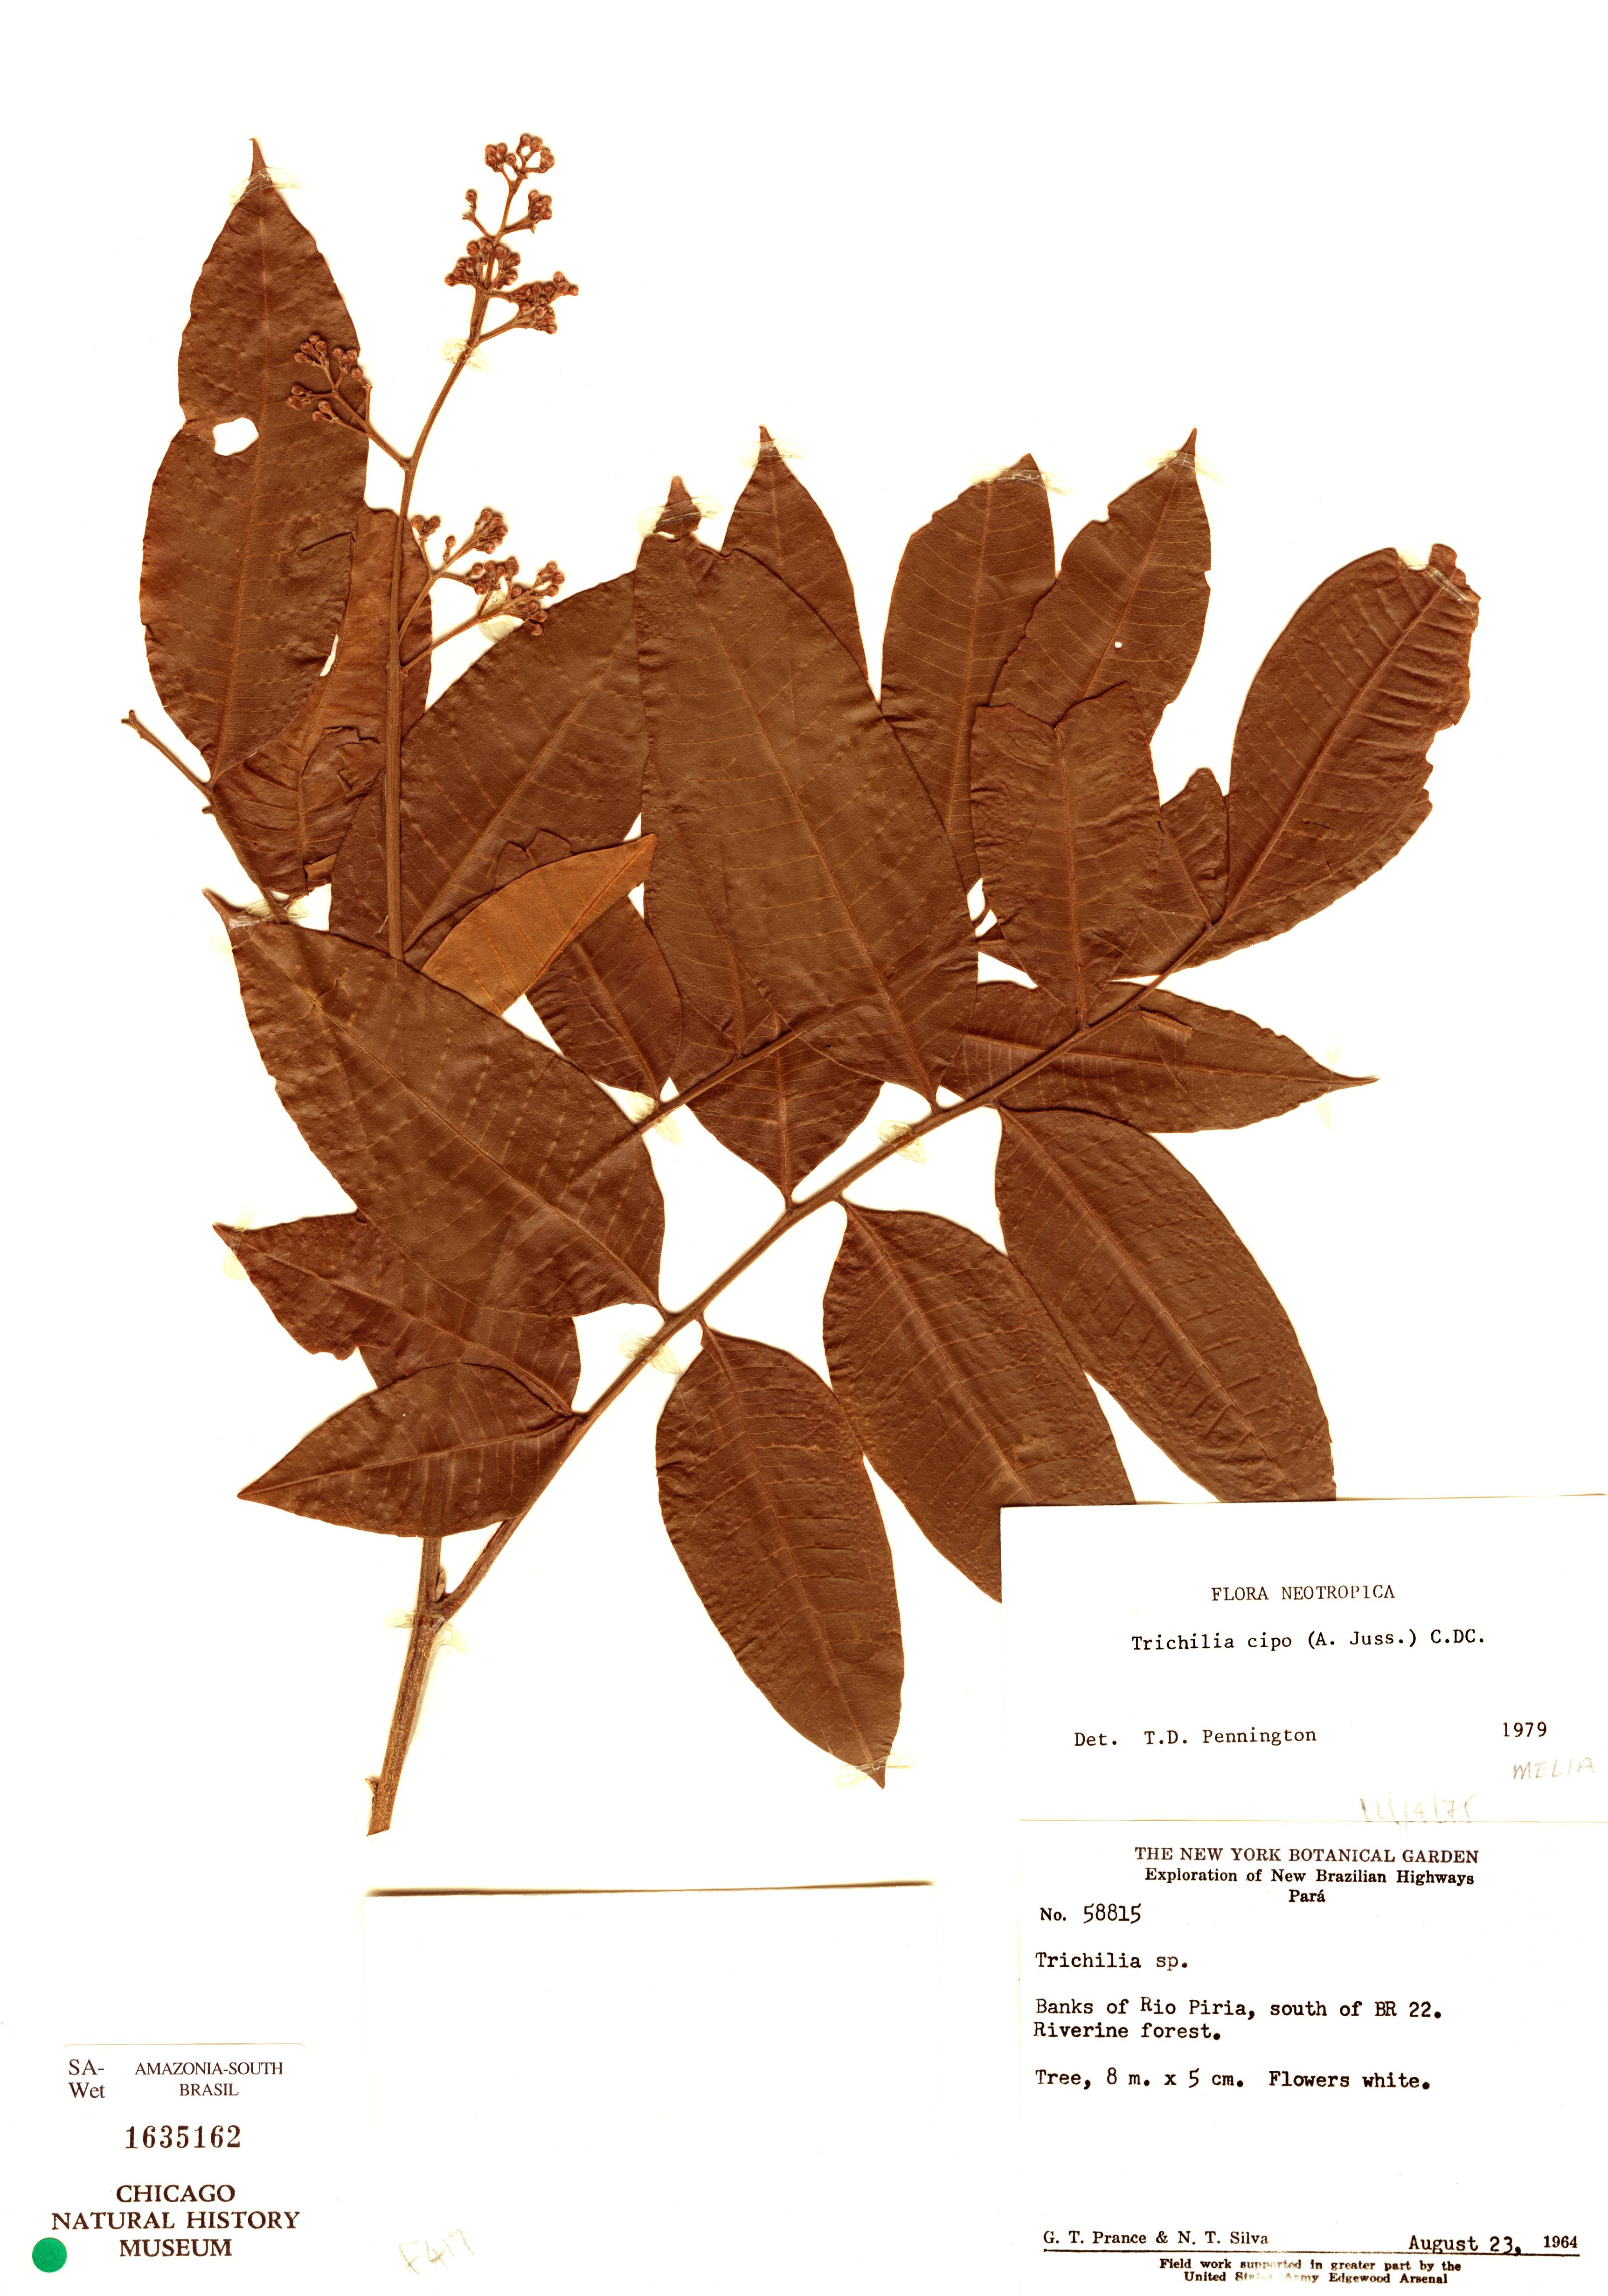 Specimen: Trichilia cipo